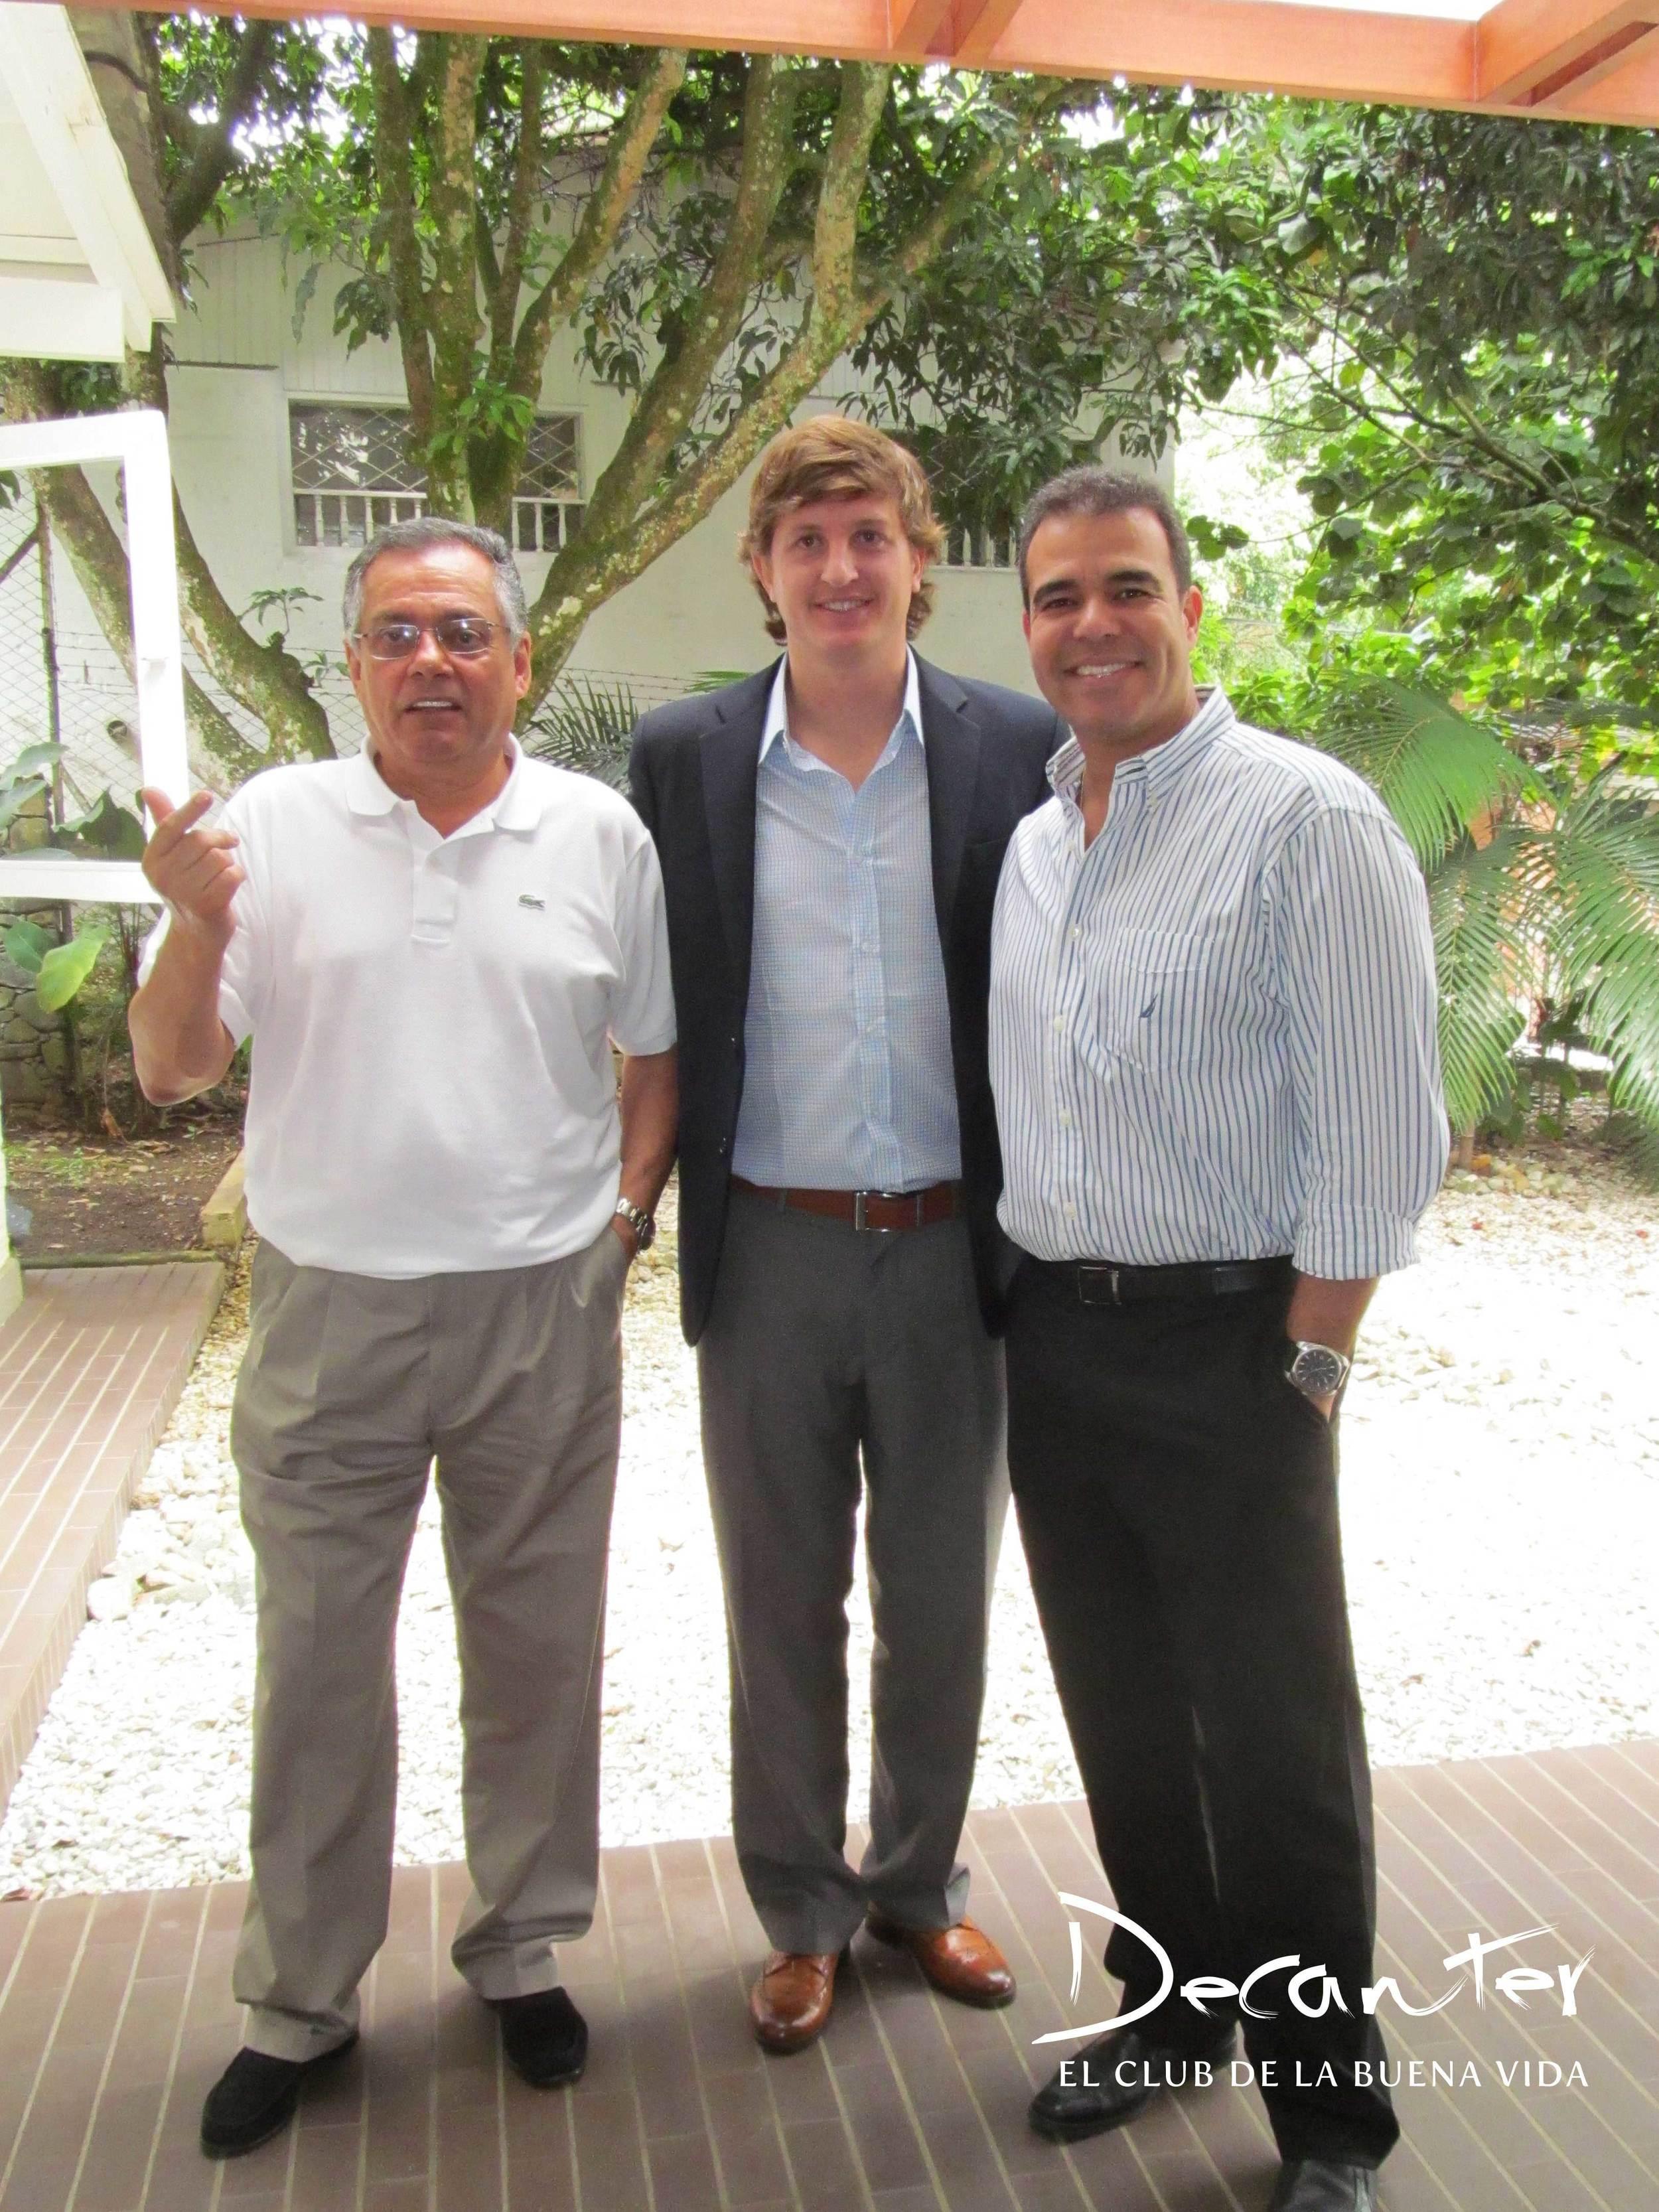 Diego Pulenta, Juan Carlos Novoa y Carlos Abad, gerente de Mercadeo del Club de vinos Decanter.